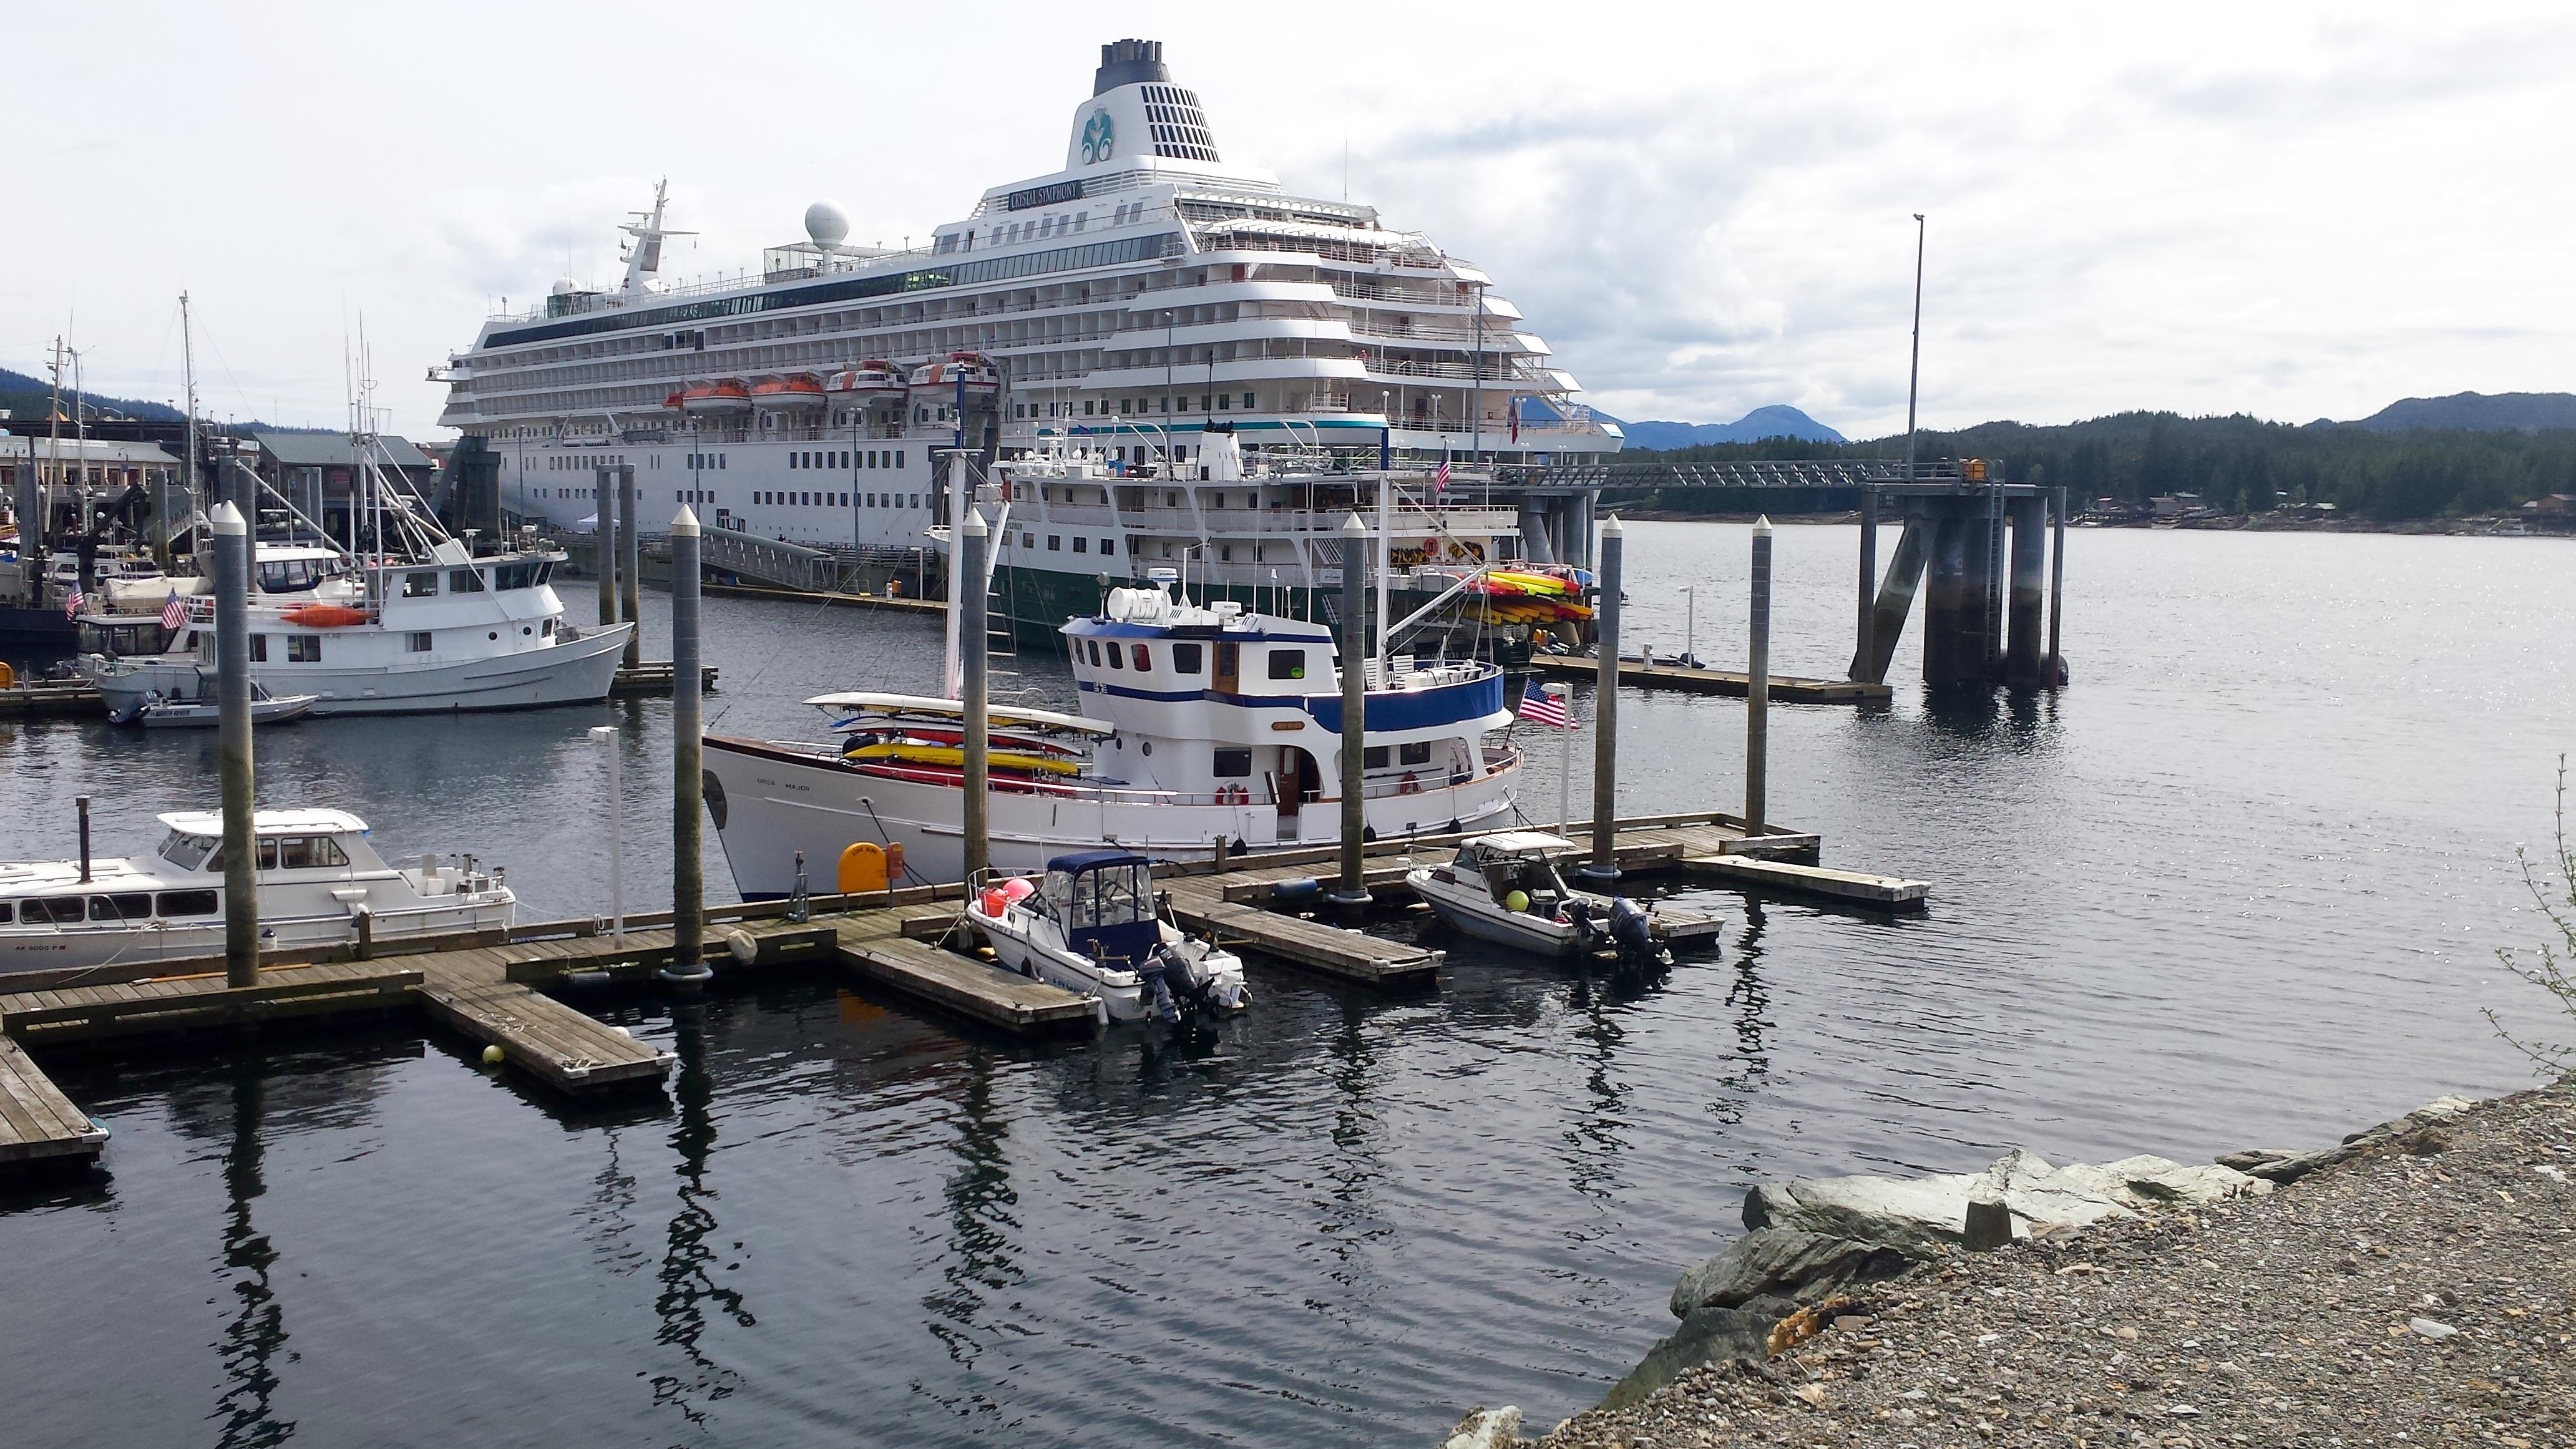 Ursa Major returns to Alaska for our 15th Charter Season!